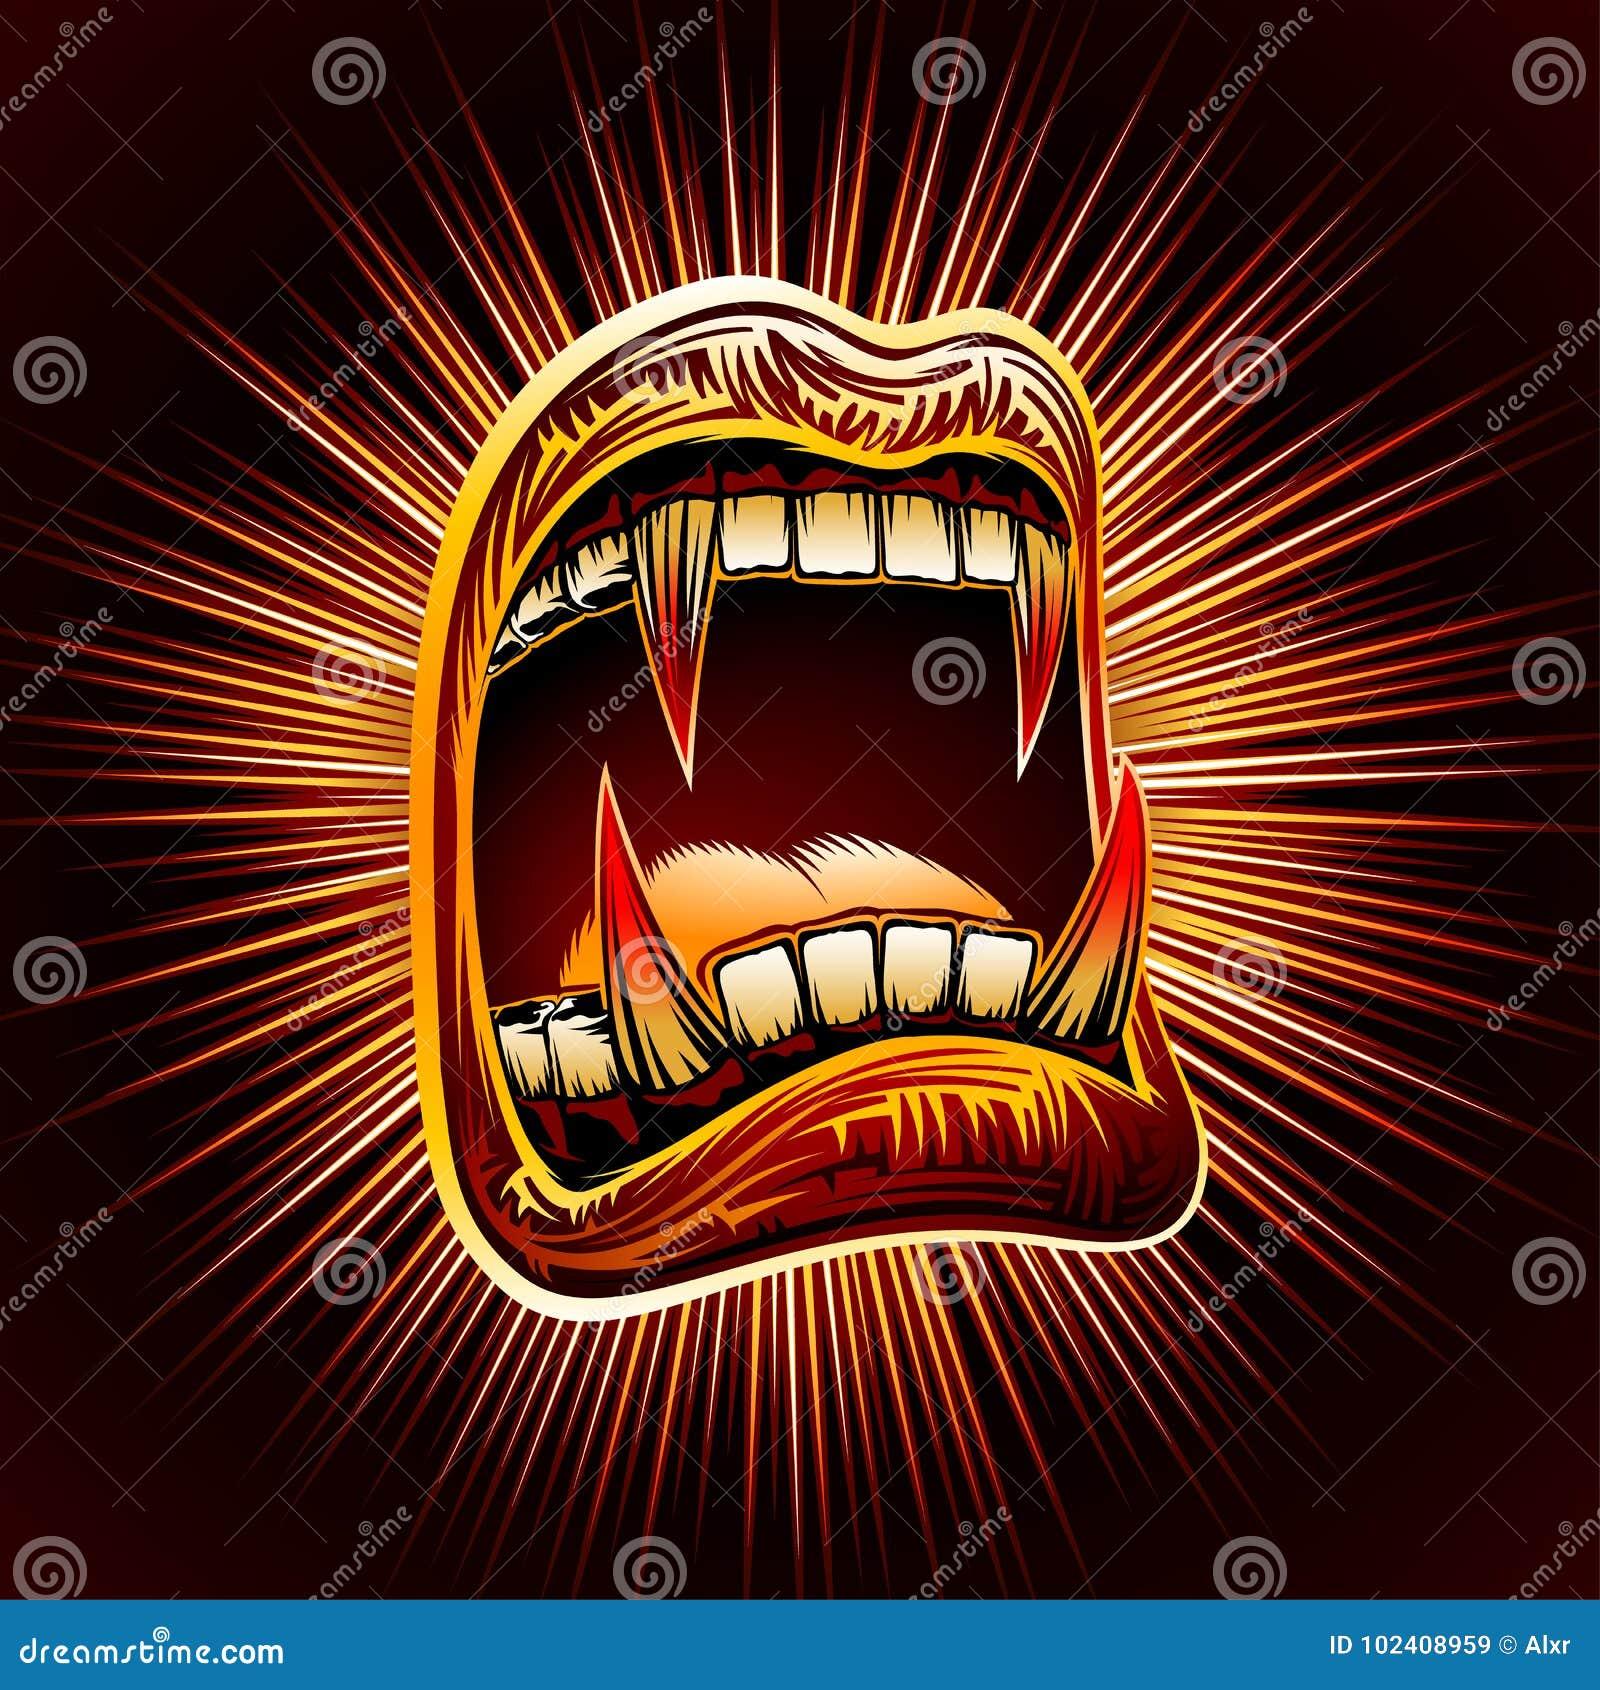 嘴开放血液犬齿万圣夜吸血鬼下颌犬齿邮票印刷品